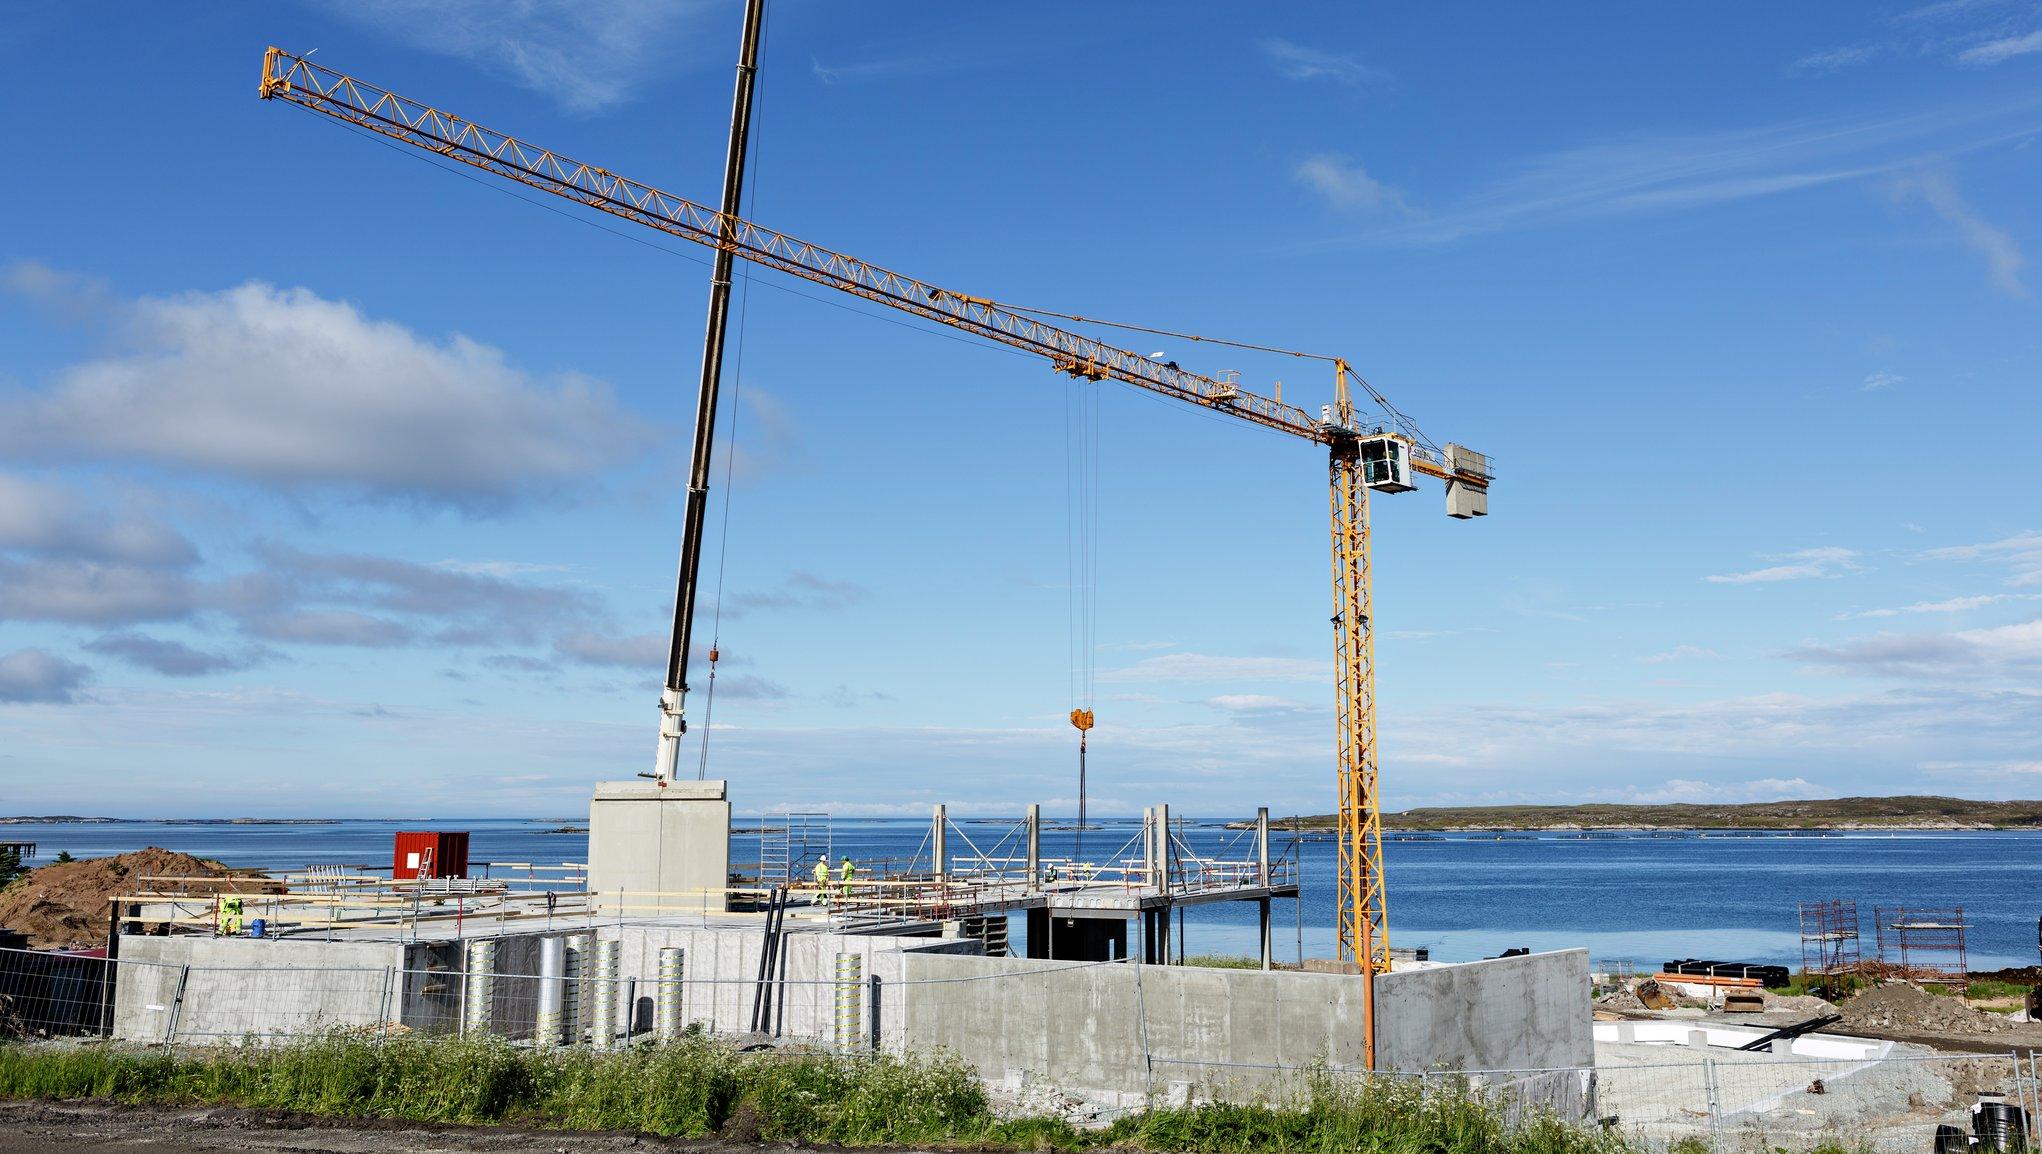 Bygge- og anleggsvirksomhet